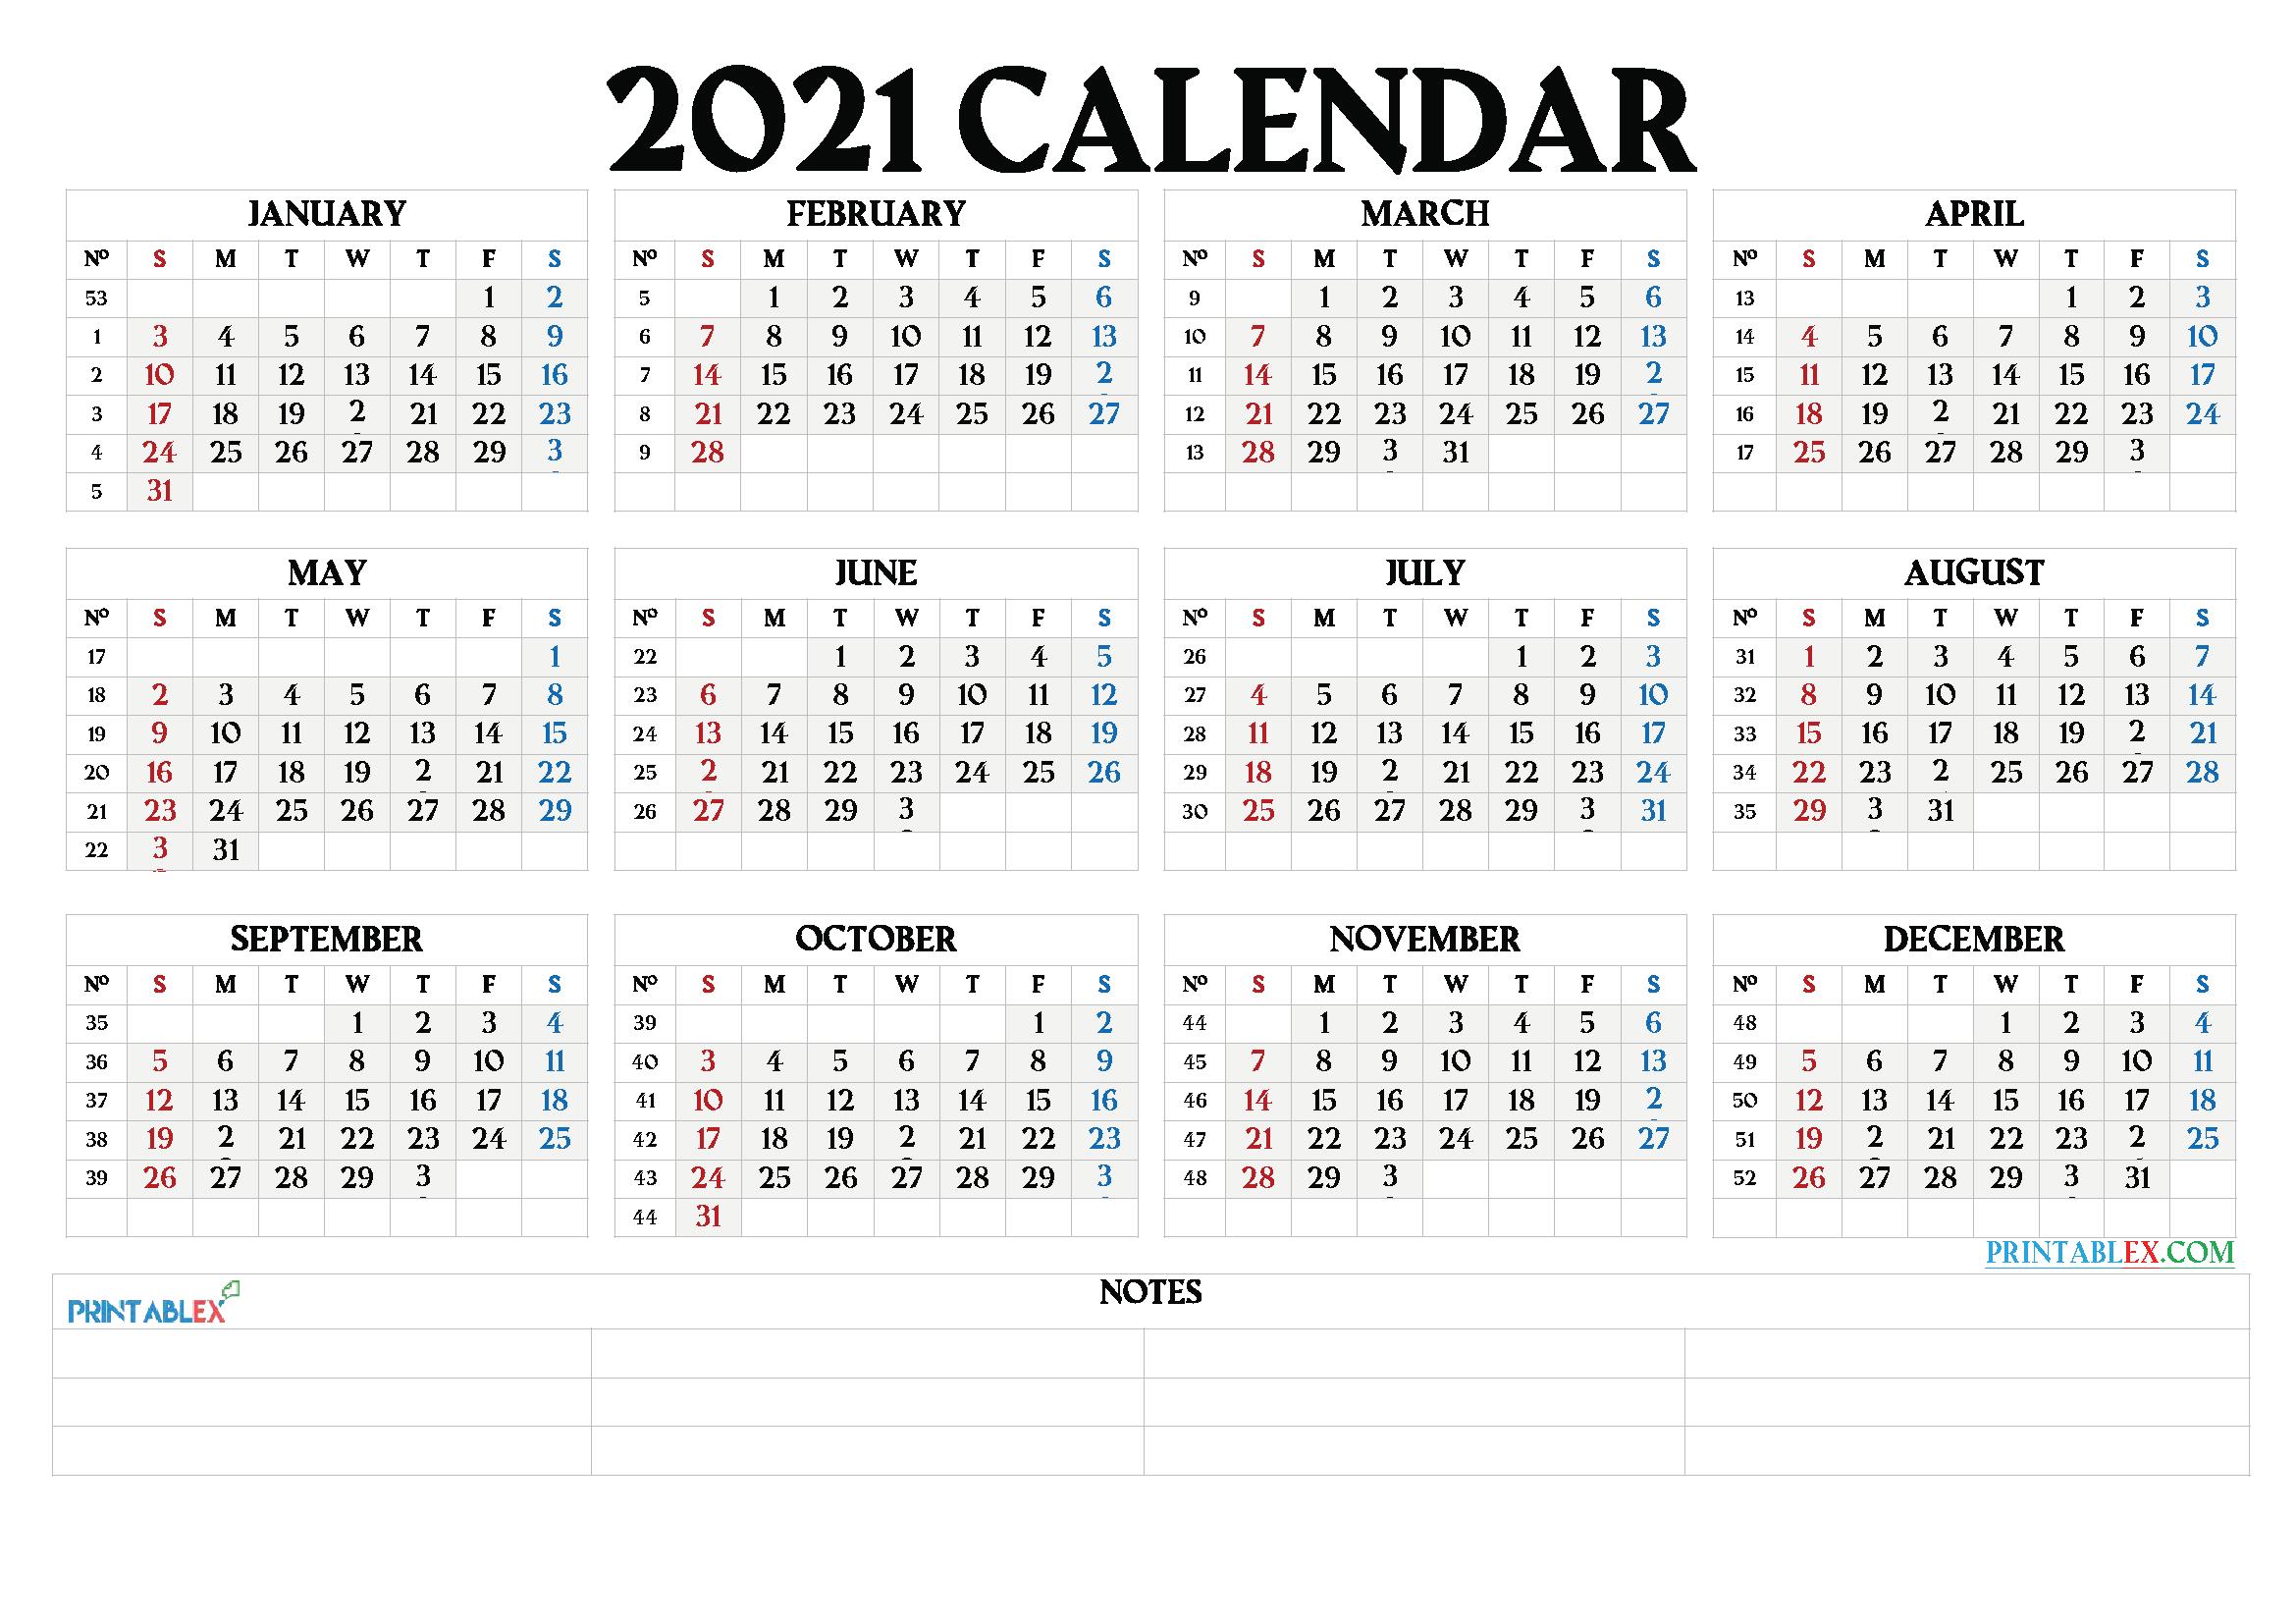 Printable 2021 Calendar By Month - 21Ytw66